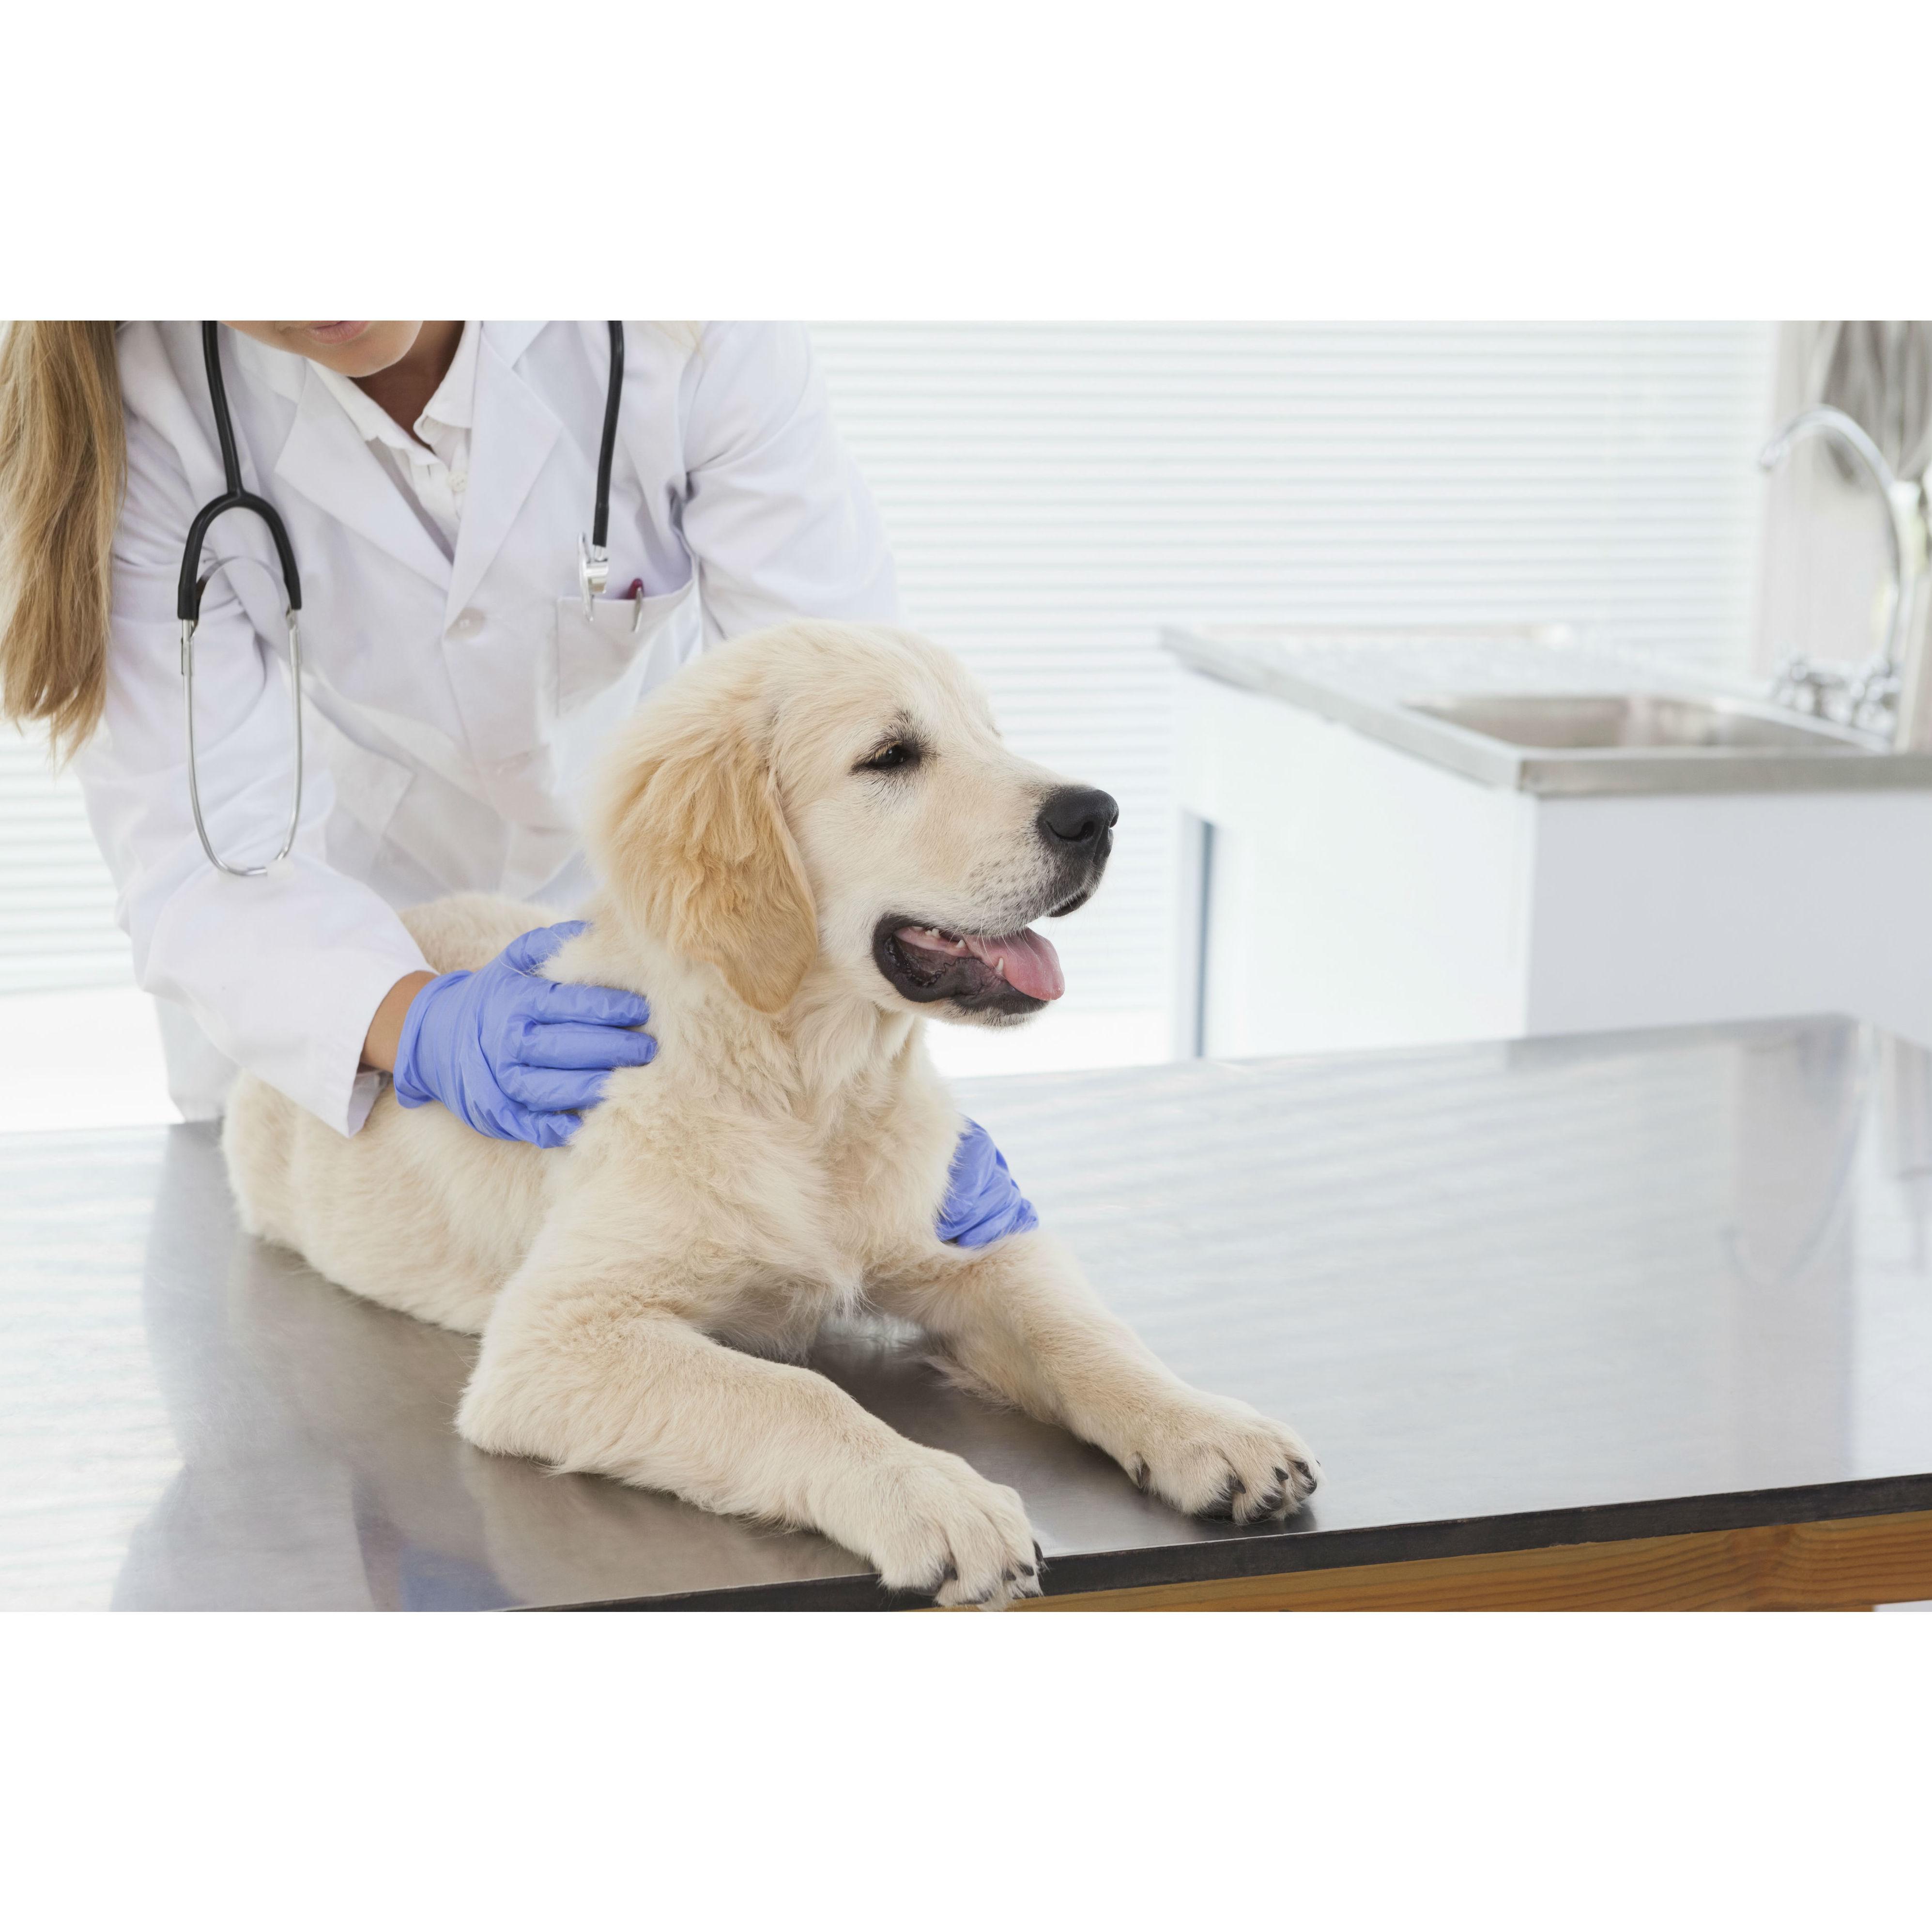 Hospitalización: Servicios de Species Veterinaria